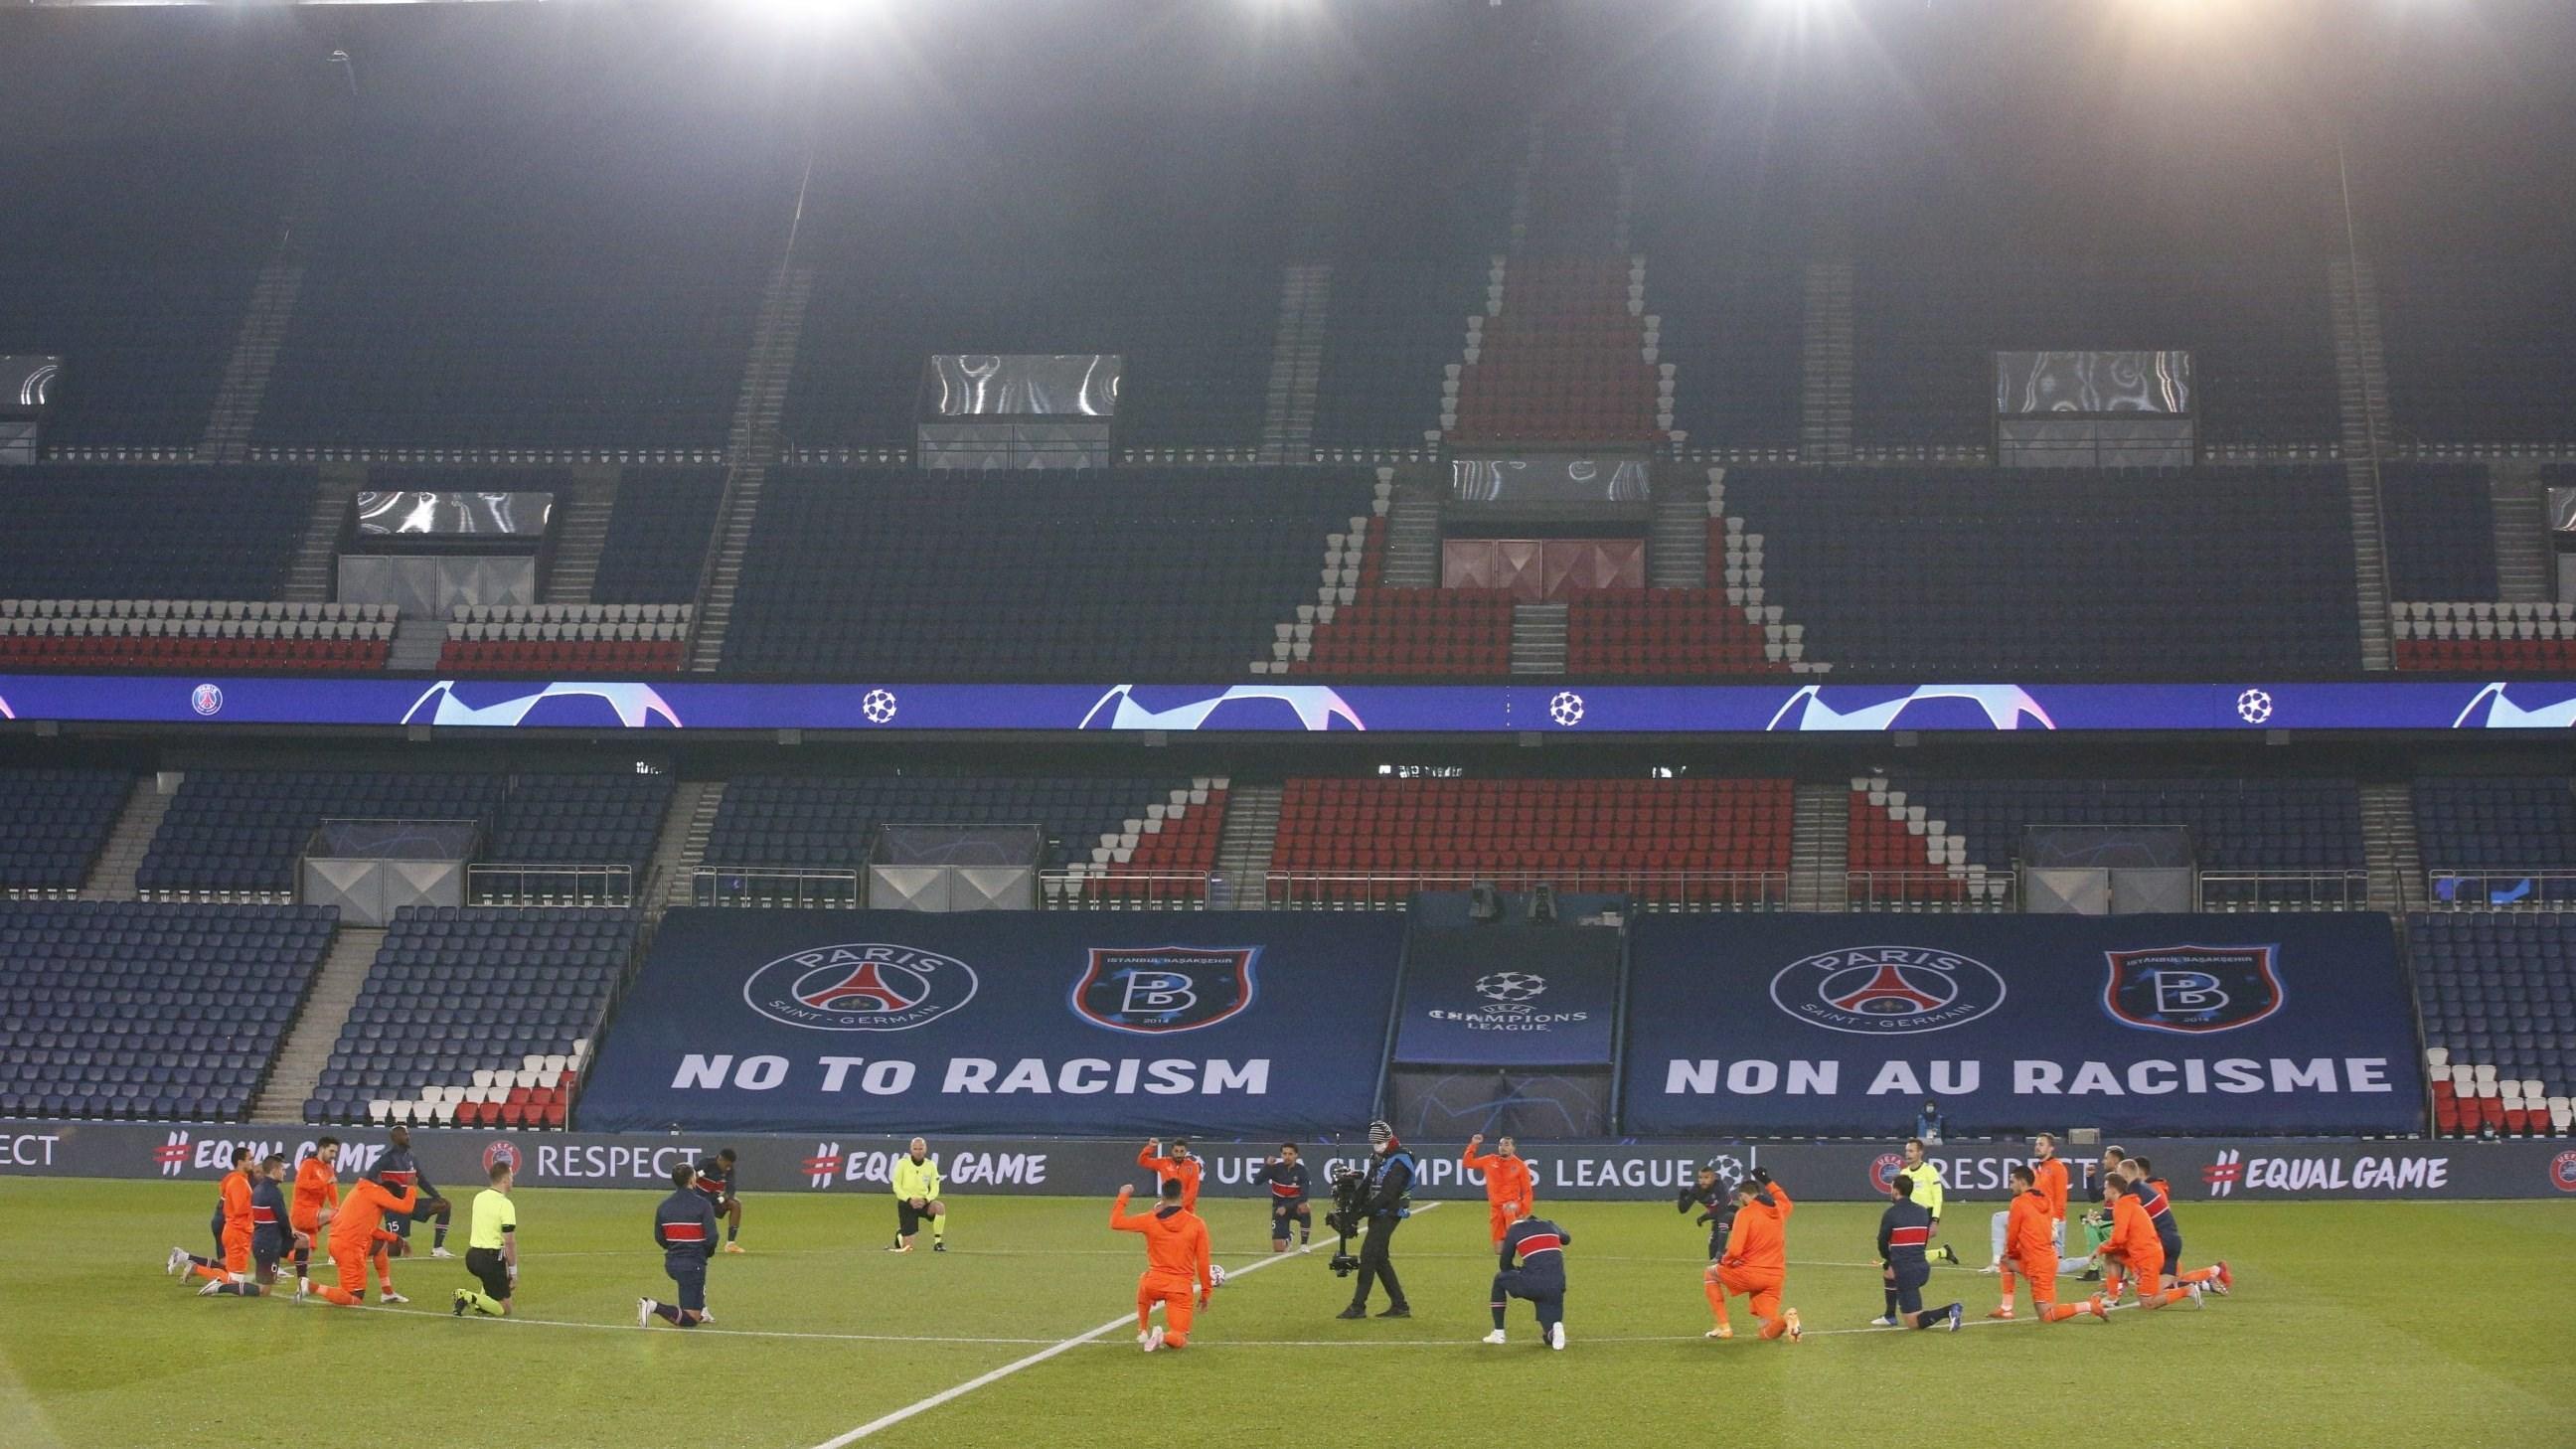 باريس سان جيرمان يكتسح باشاك شهير بعد استكمال المباراة!